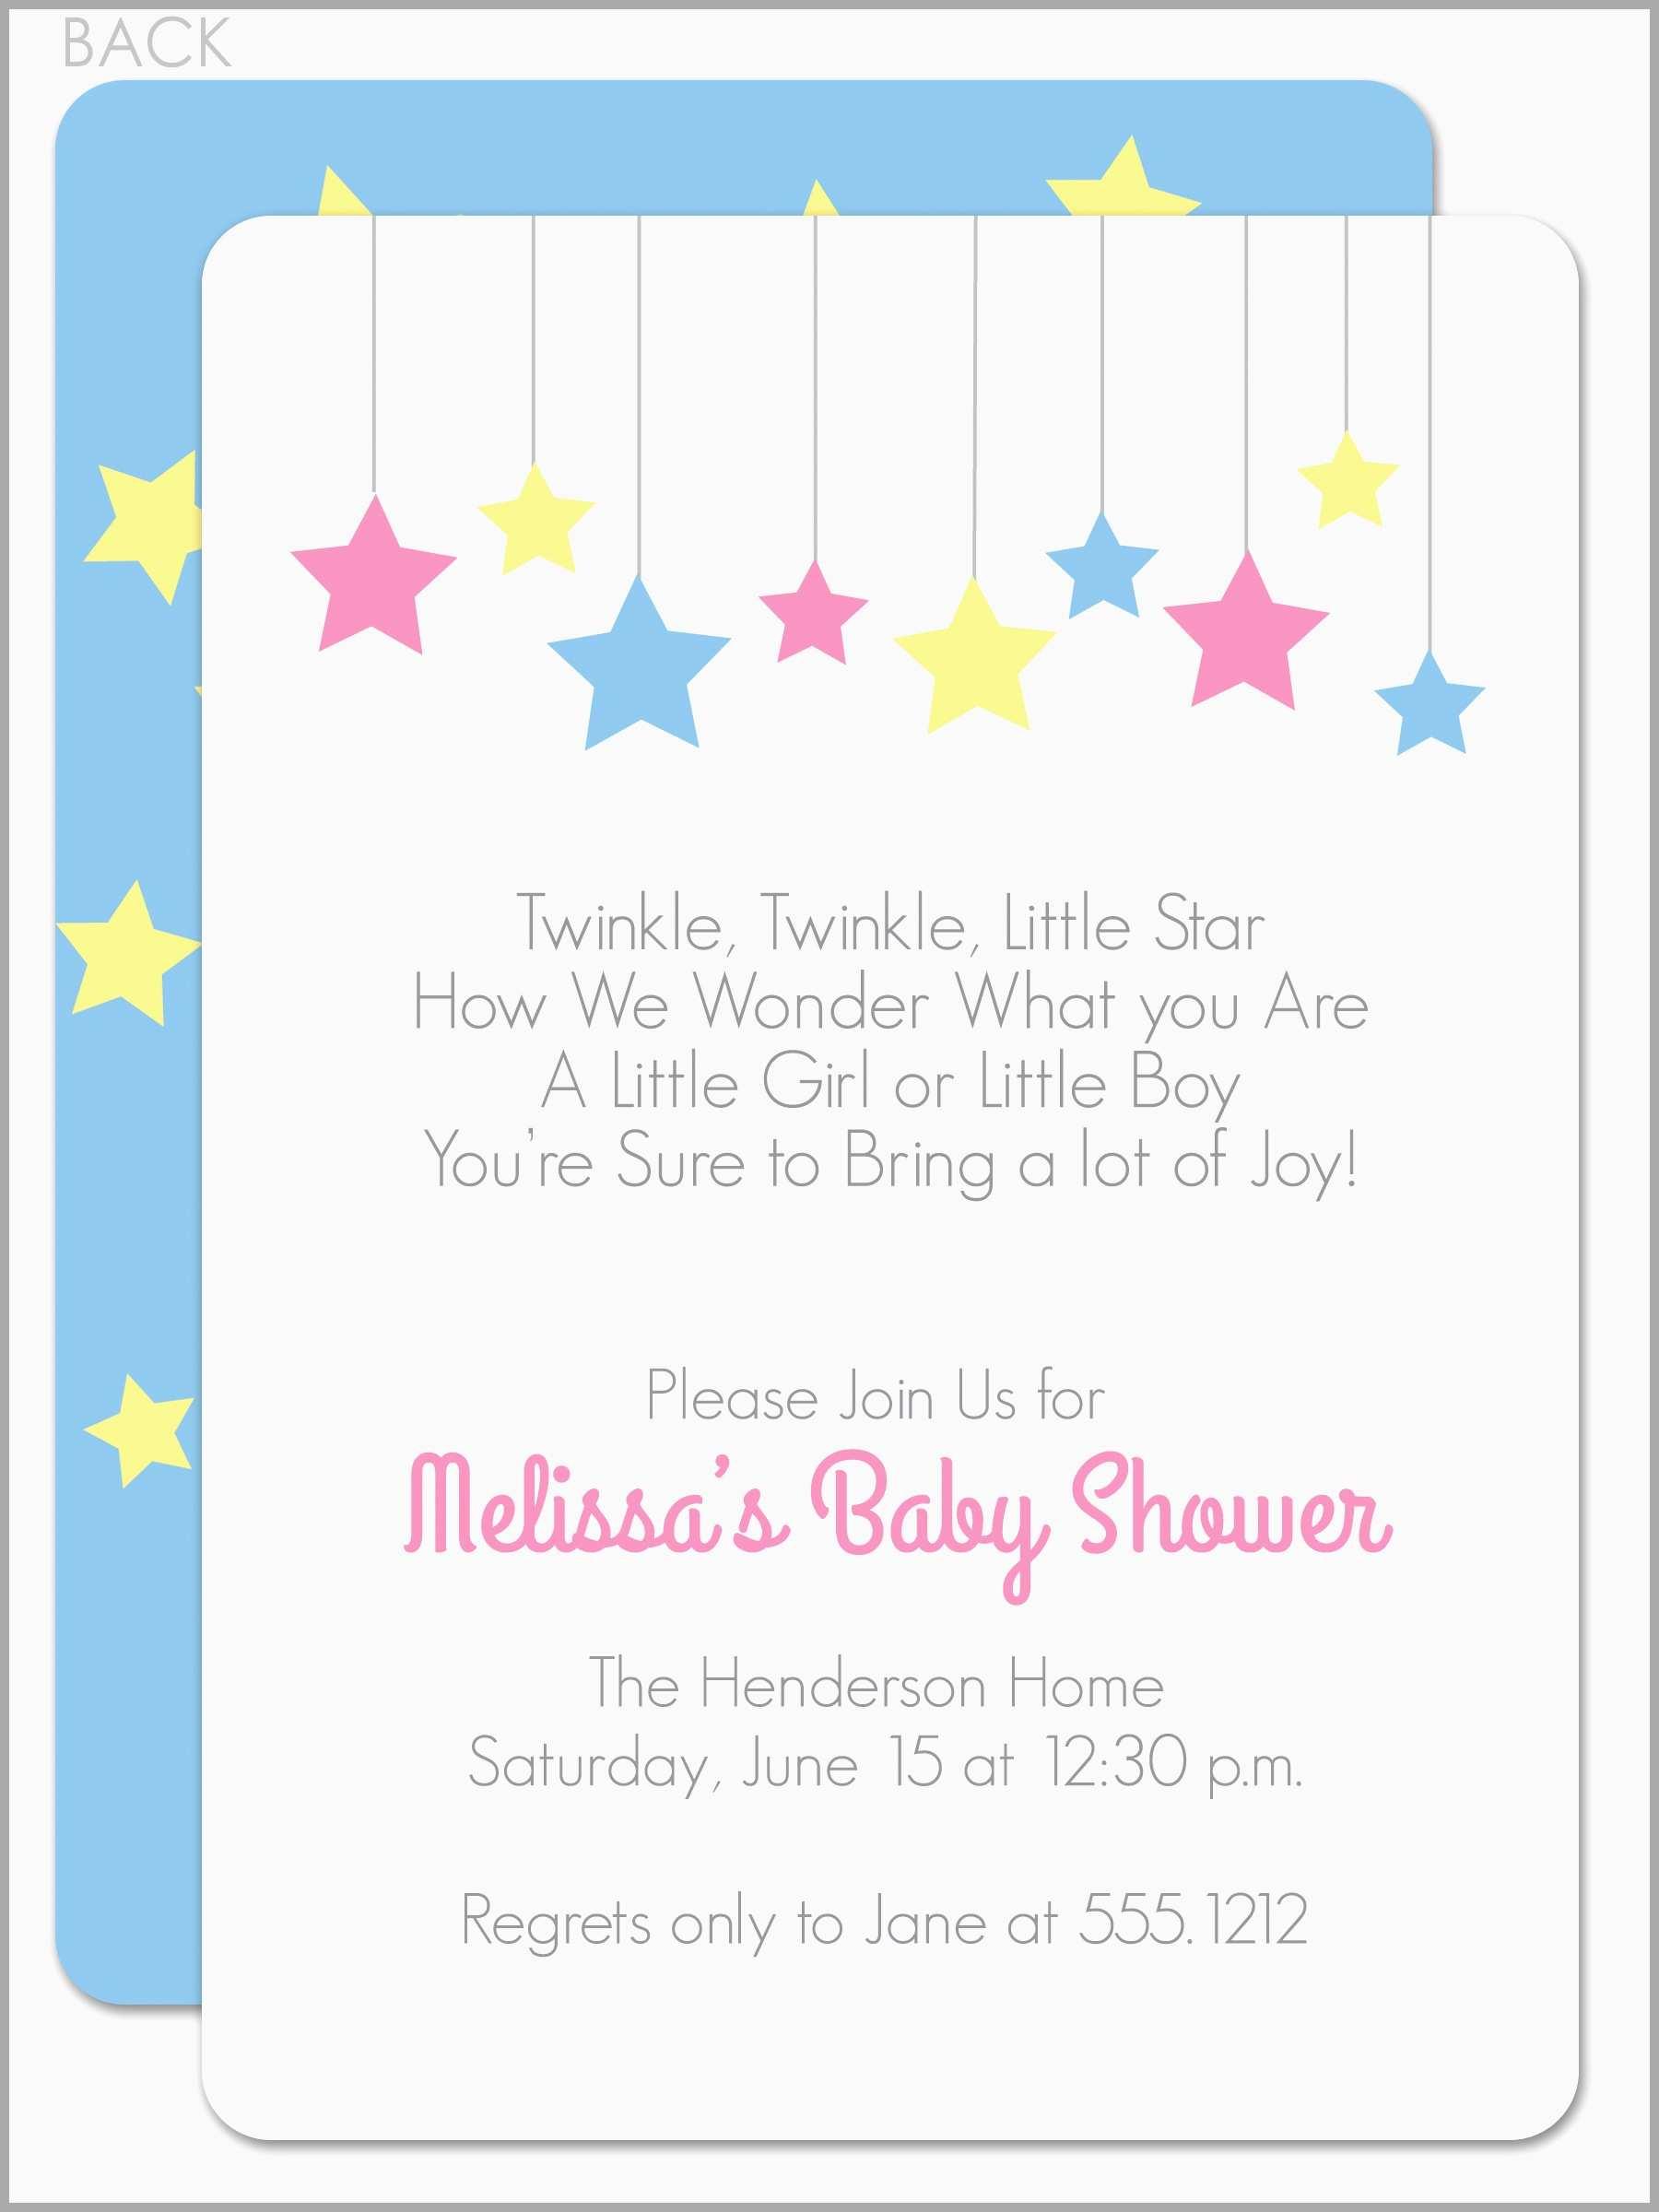 Free Printable Twinkle Twinkle Little Star Baby Shower Invitations - Free Printable Twinkle Twinkle Little Star Baby Shower Invitations